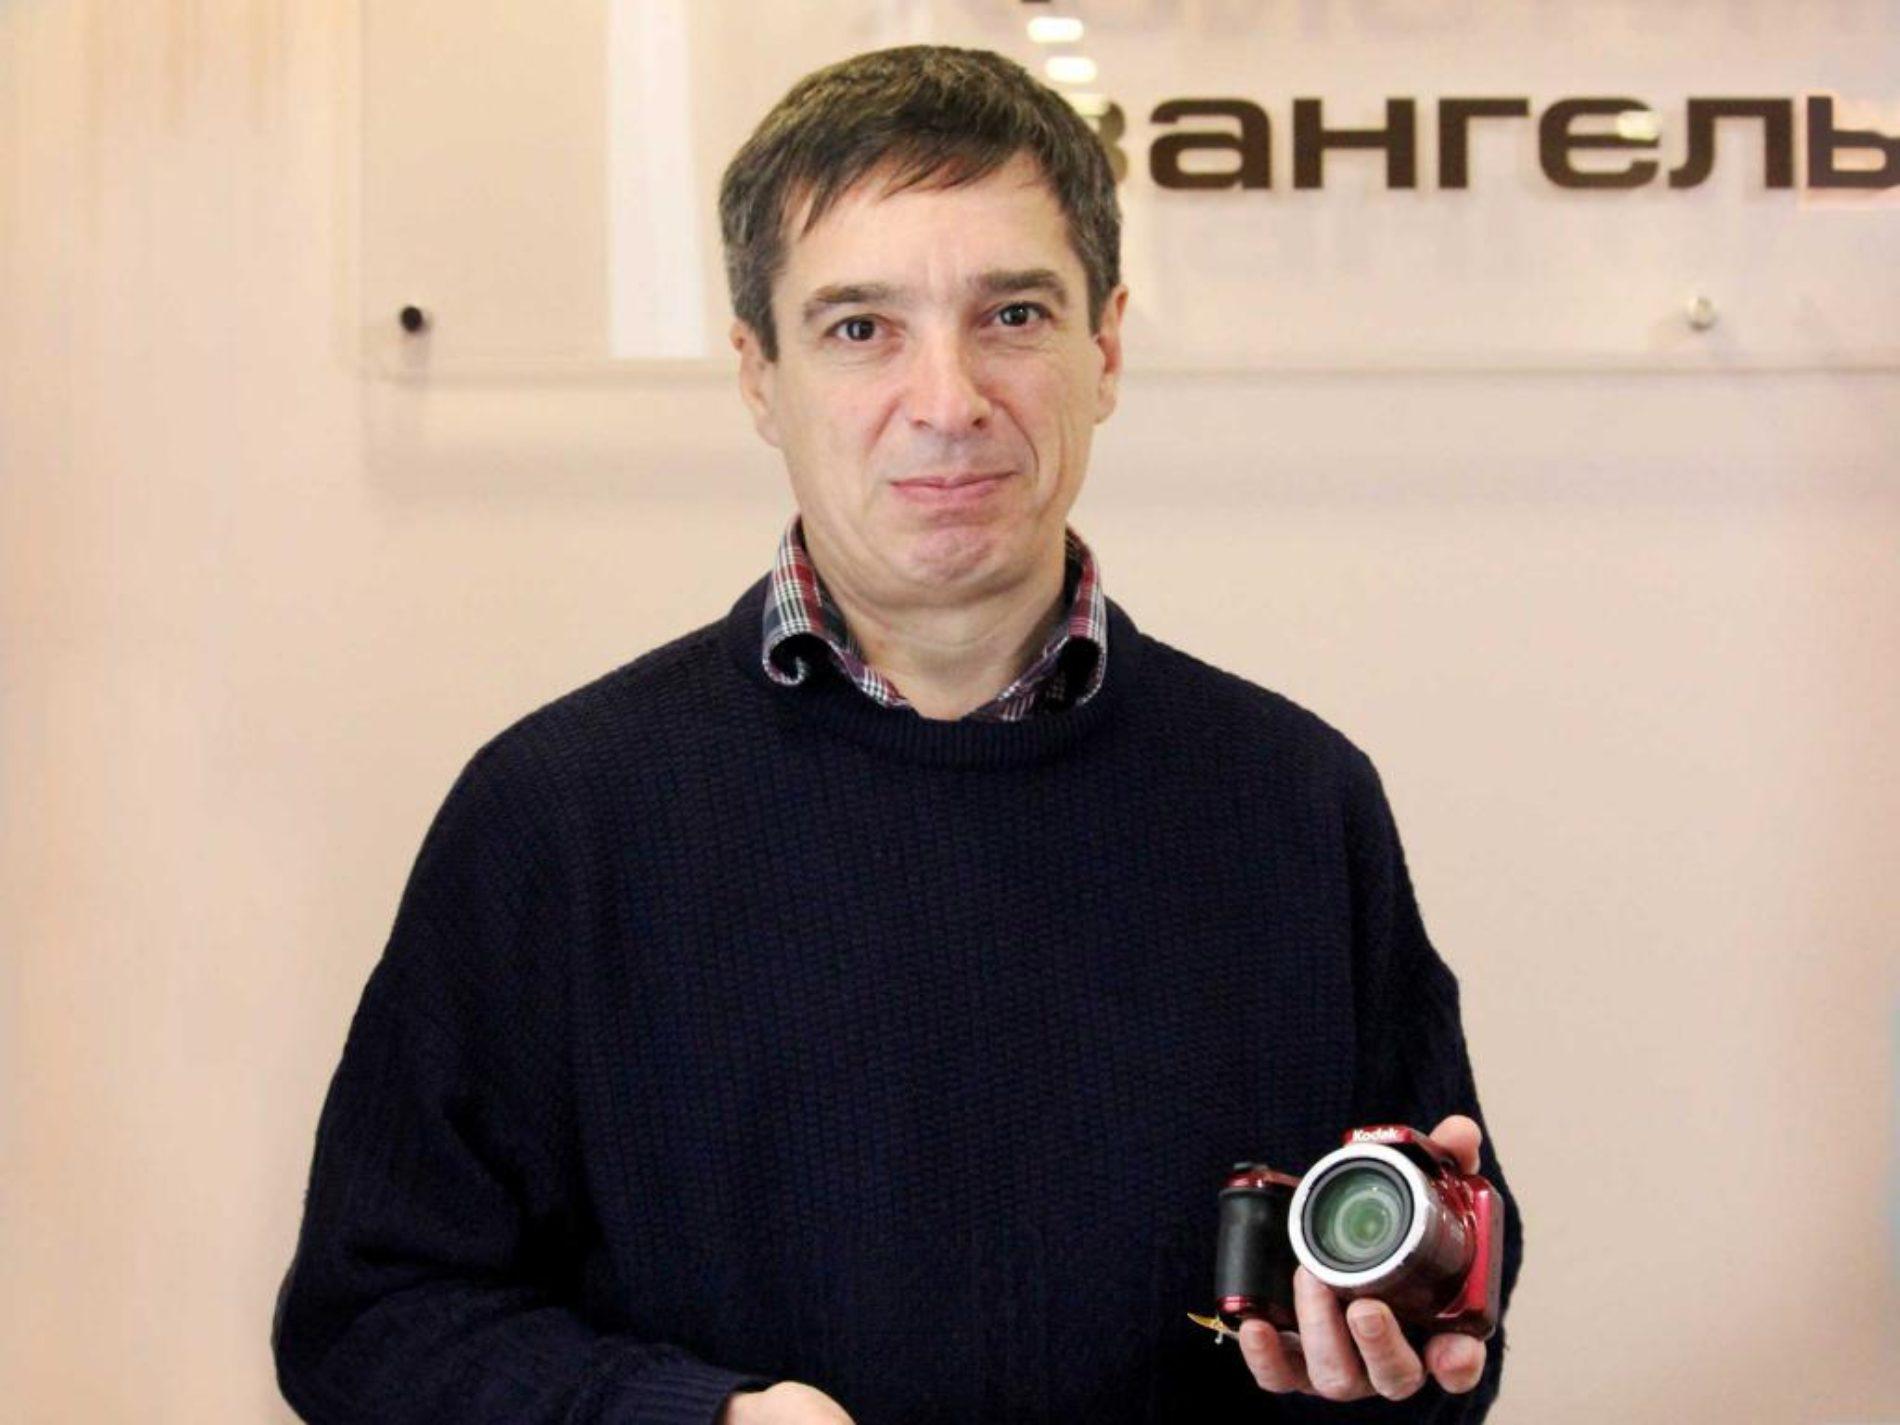 Переможець фотоконкурсу отримав свій приз, а представники медіаслужінь накреслили спільні плани розвитку